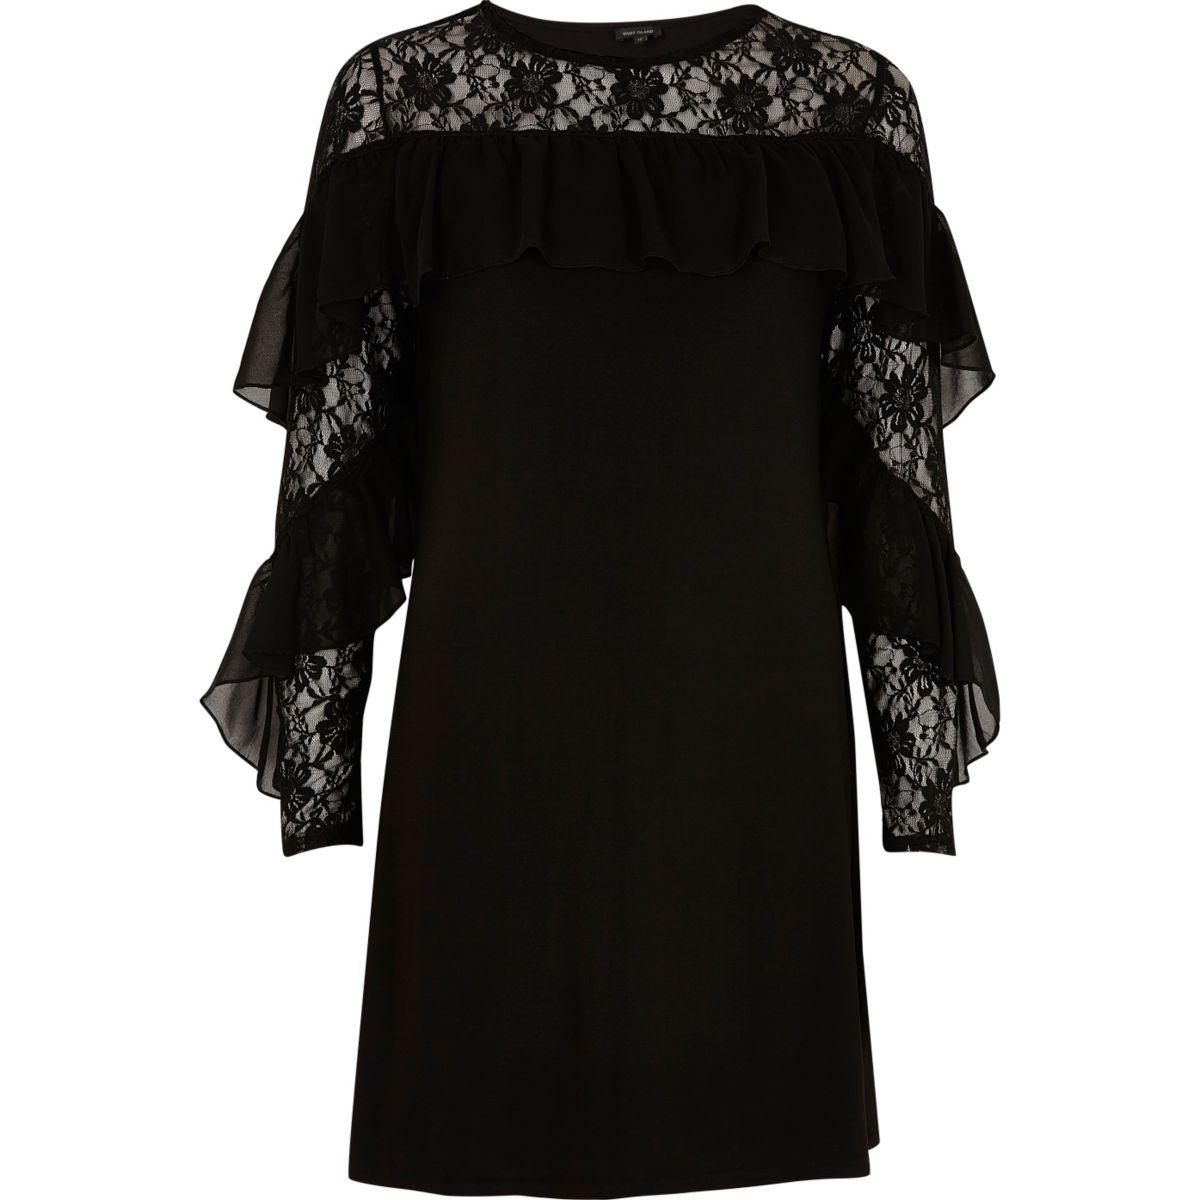 Kleid aus schwarzer Spitze mit Rüschen